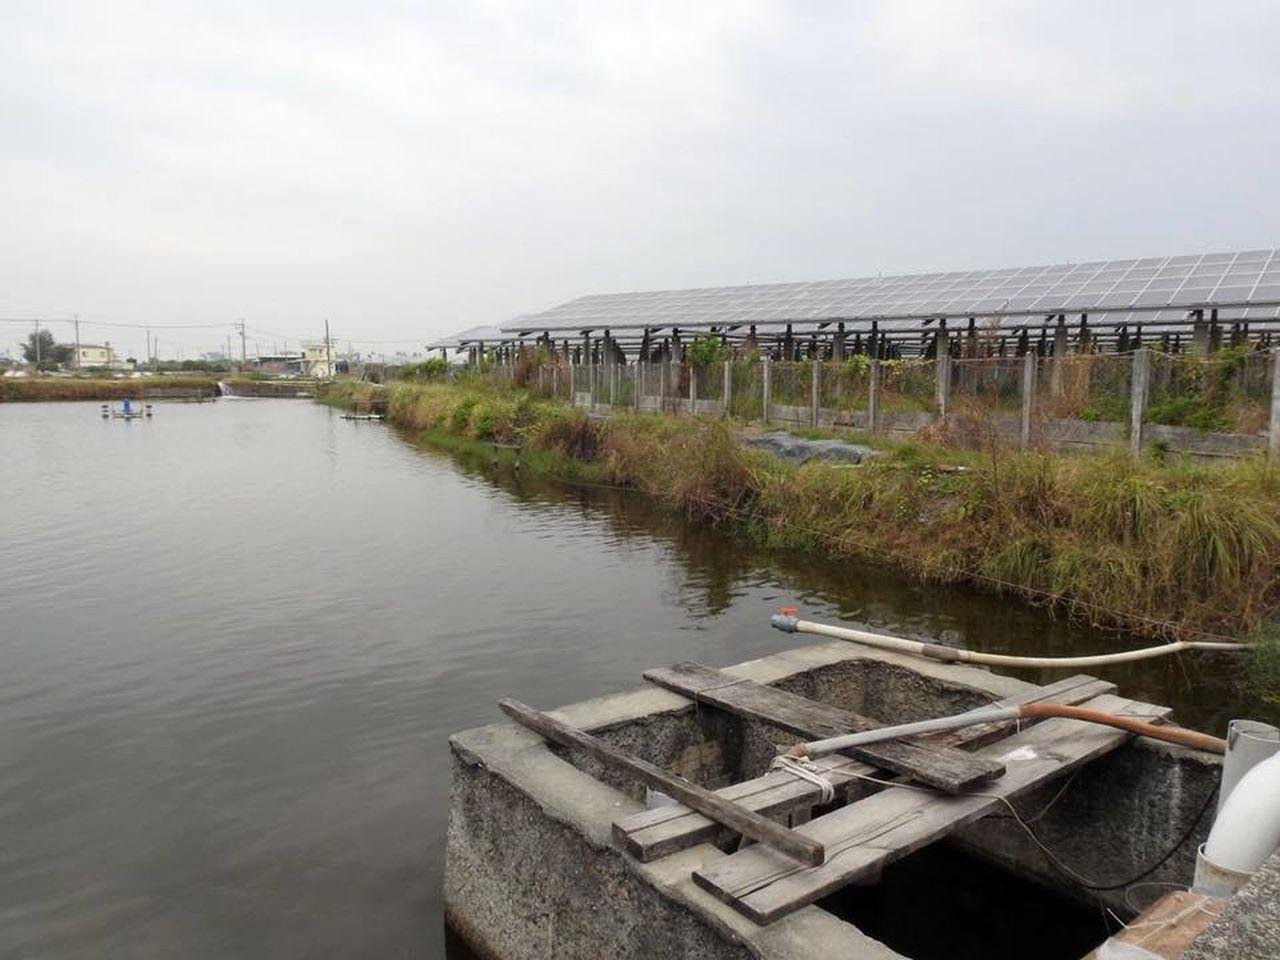 政府推行綠能政策,屏東林邊地區已「長」出許多光電板。 圖/林昆海提供